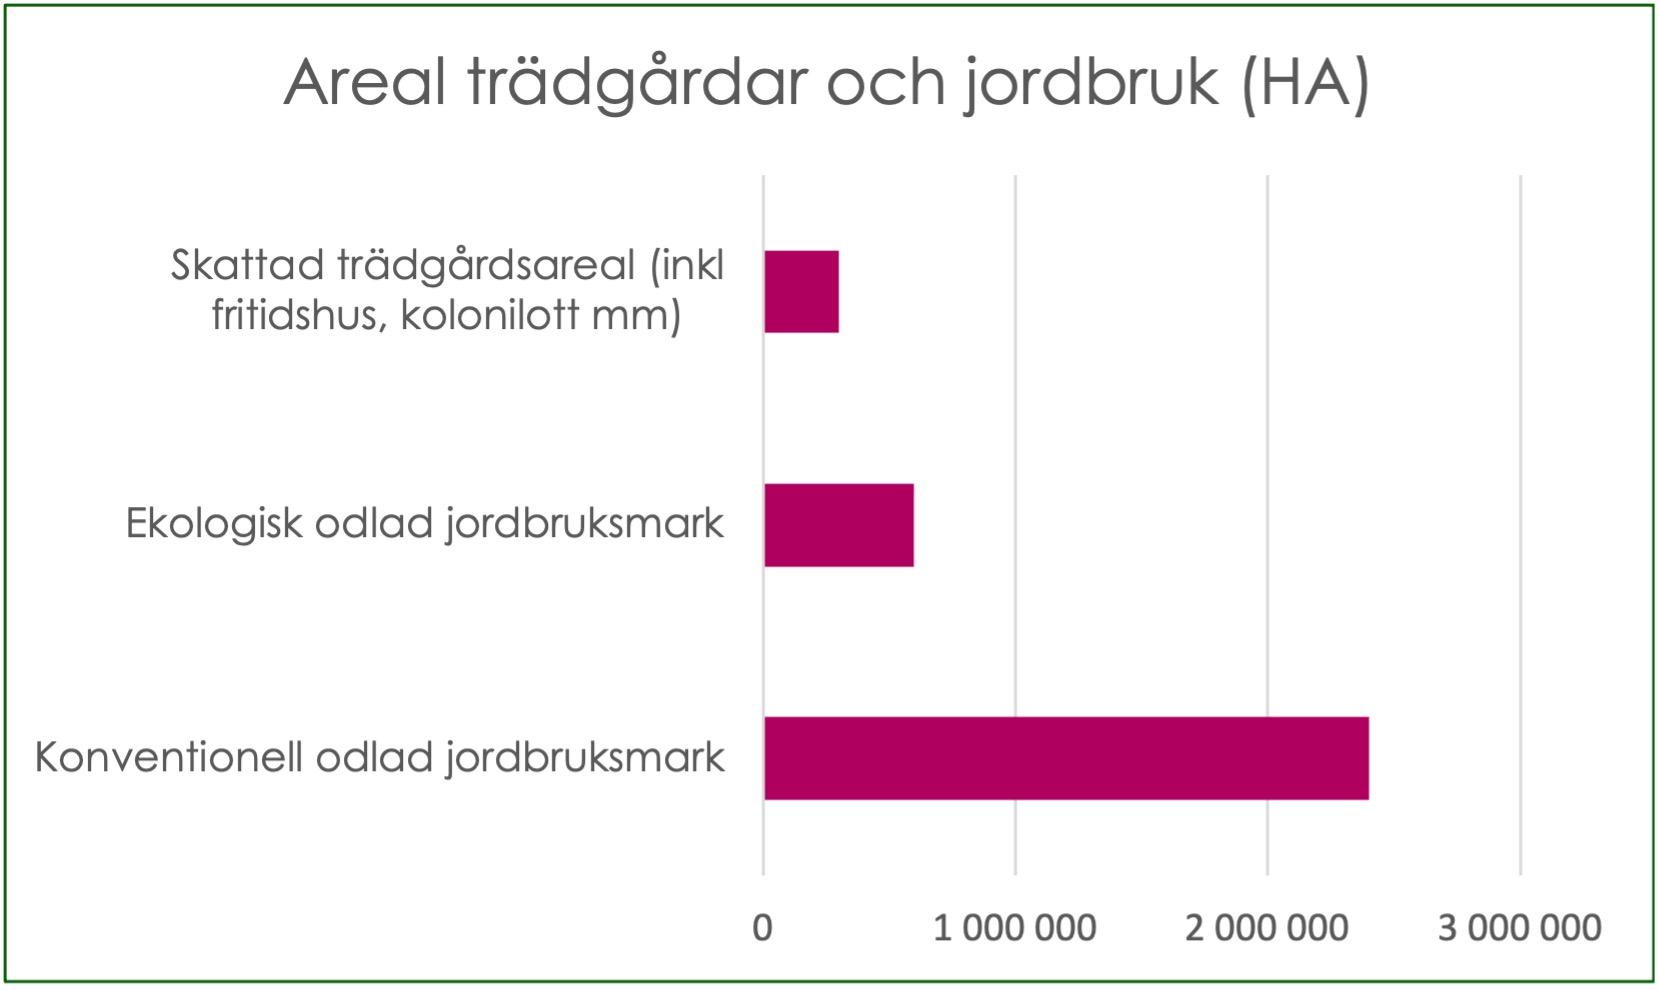 Ungefärlig jämförelse av areal i Sverige som täcks av trädgårdar, ekologisk odlad jordbruksmark och konventionell odlad jordbruksmark